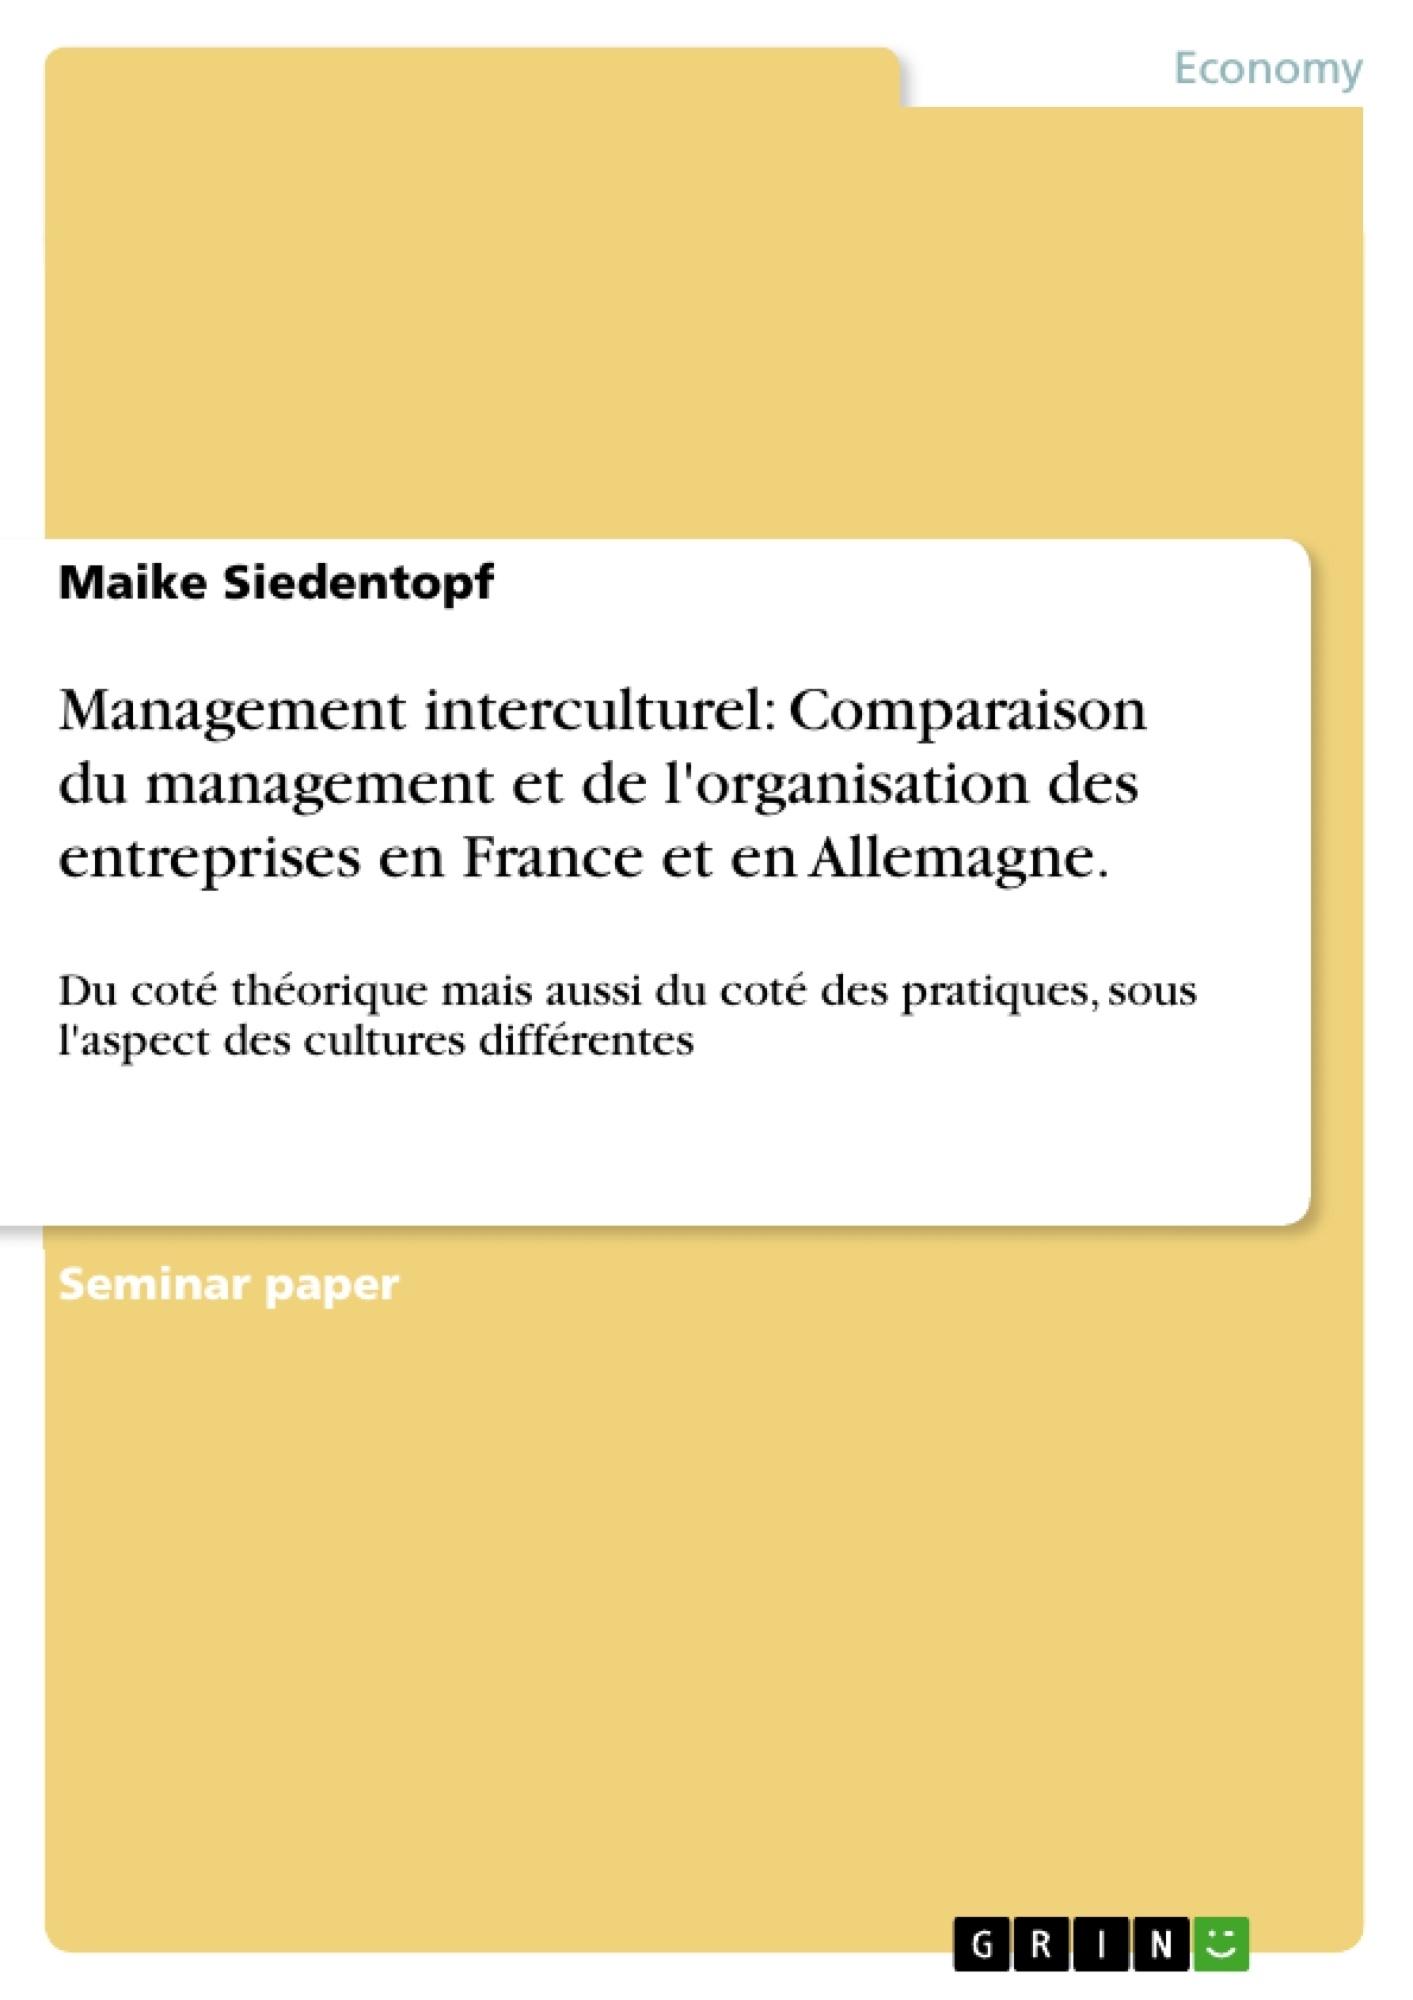 Titre: Management interculturel: Comparaison du management et de l'organisation des entreprises en France et en Allemagne.